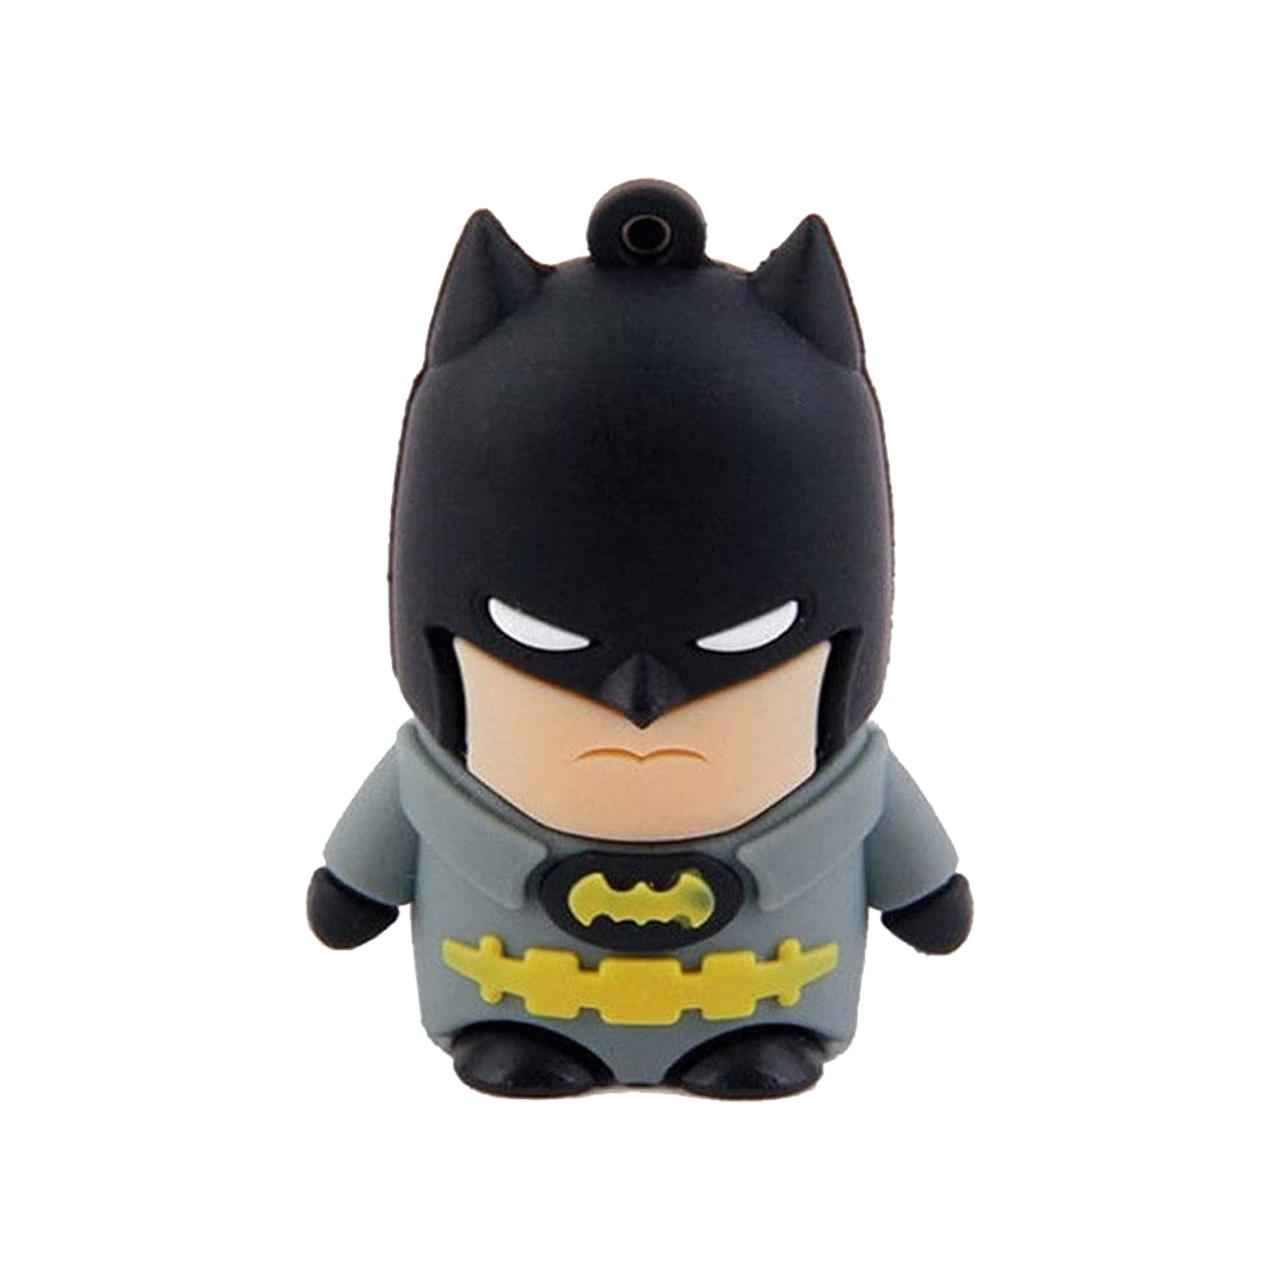 بررسی و {خرید با تخفیف}                                     فلش مموری طرح بت من مدل UL-Batman01 ظرفیت 128 گیگابایت                             اصل